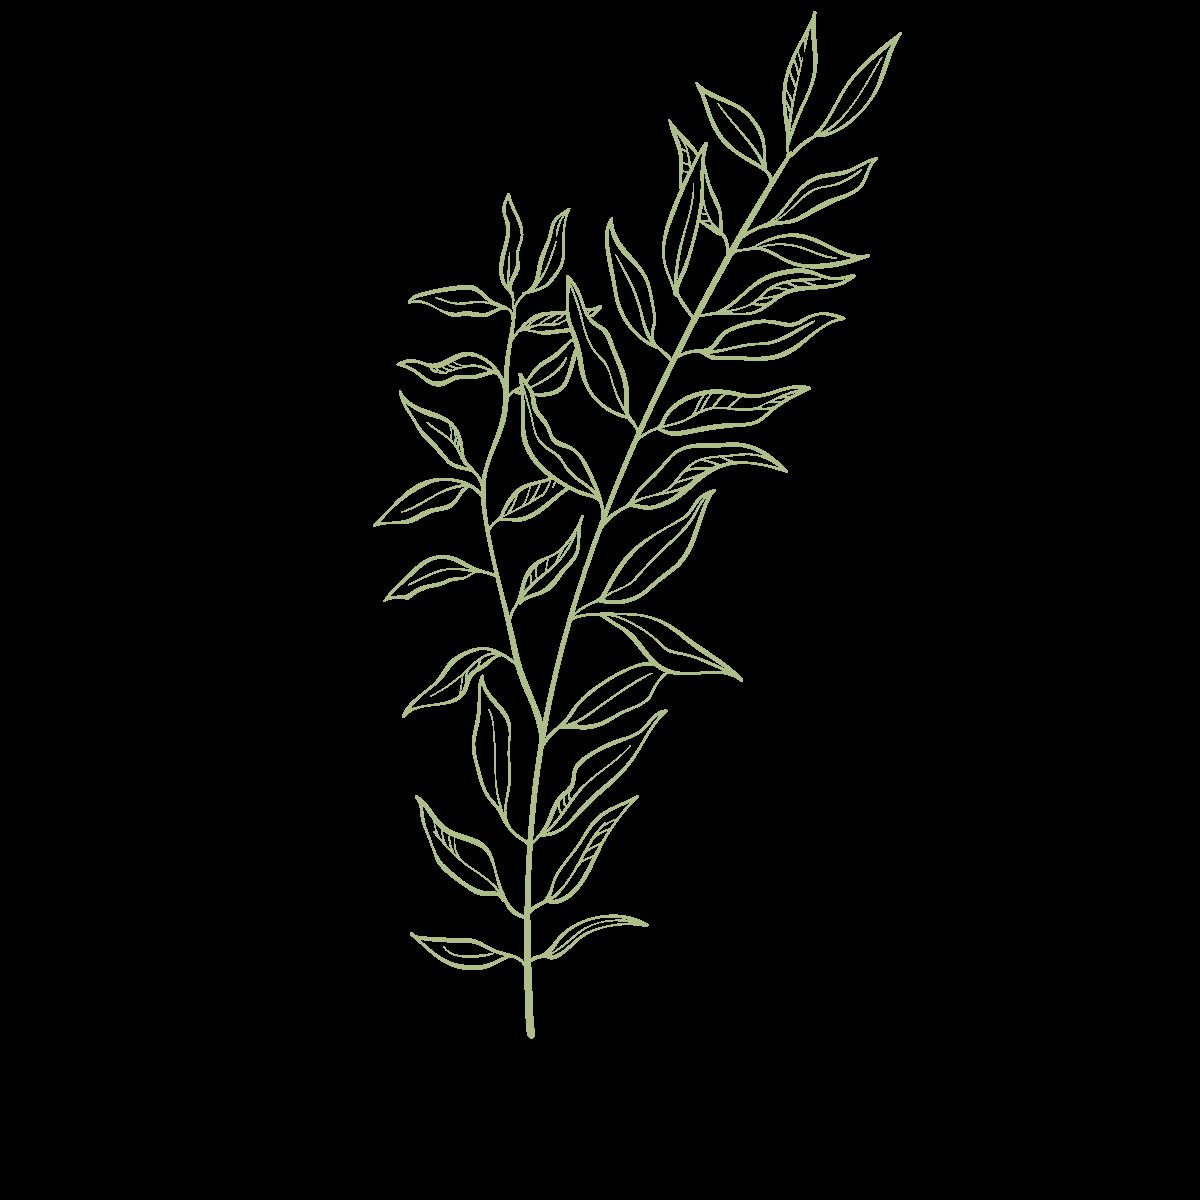 leaf01@2x